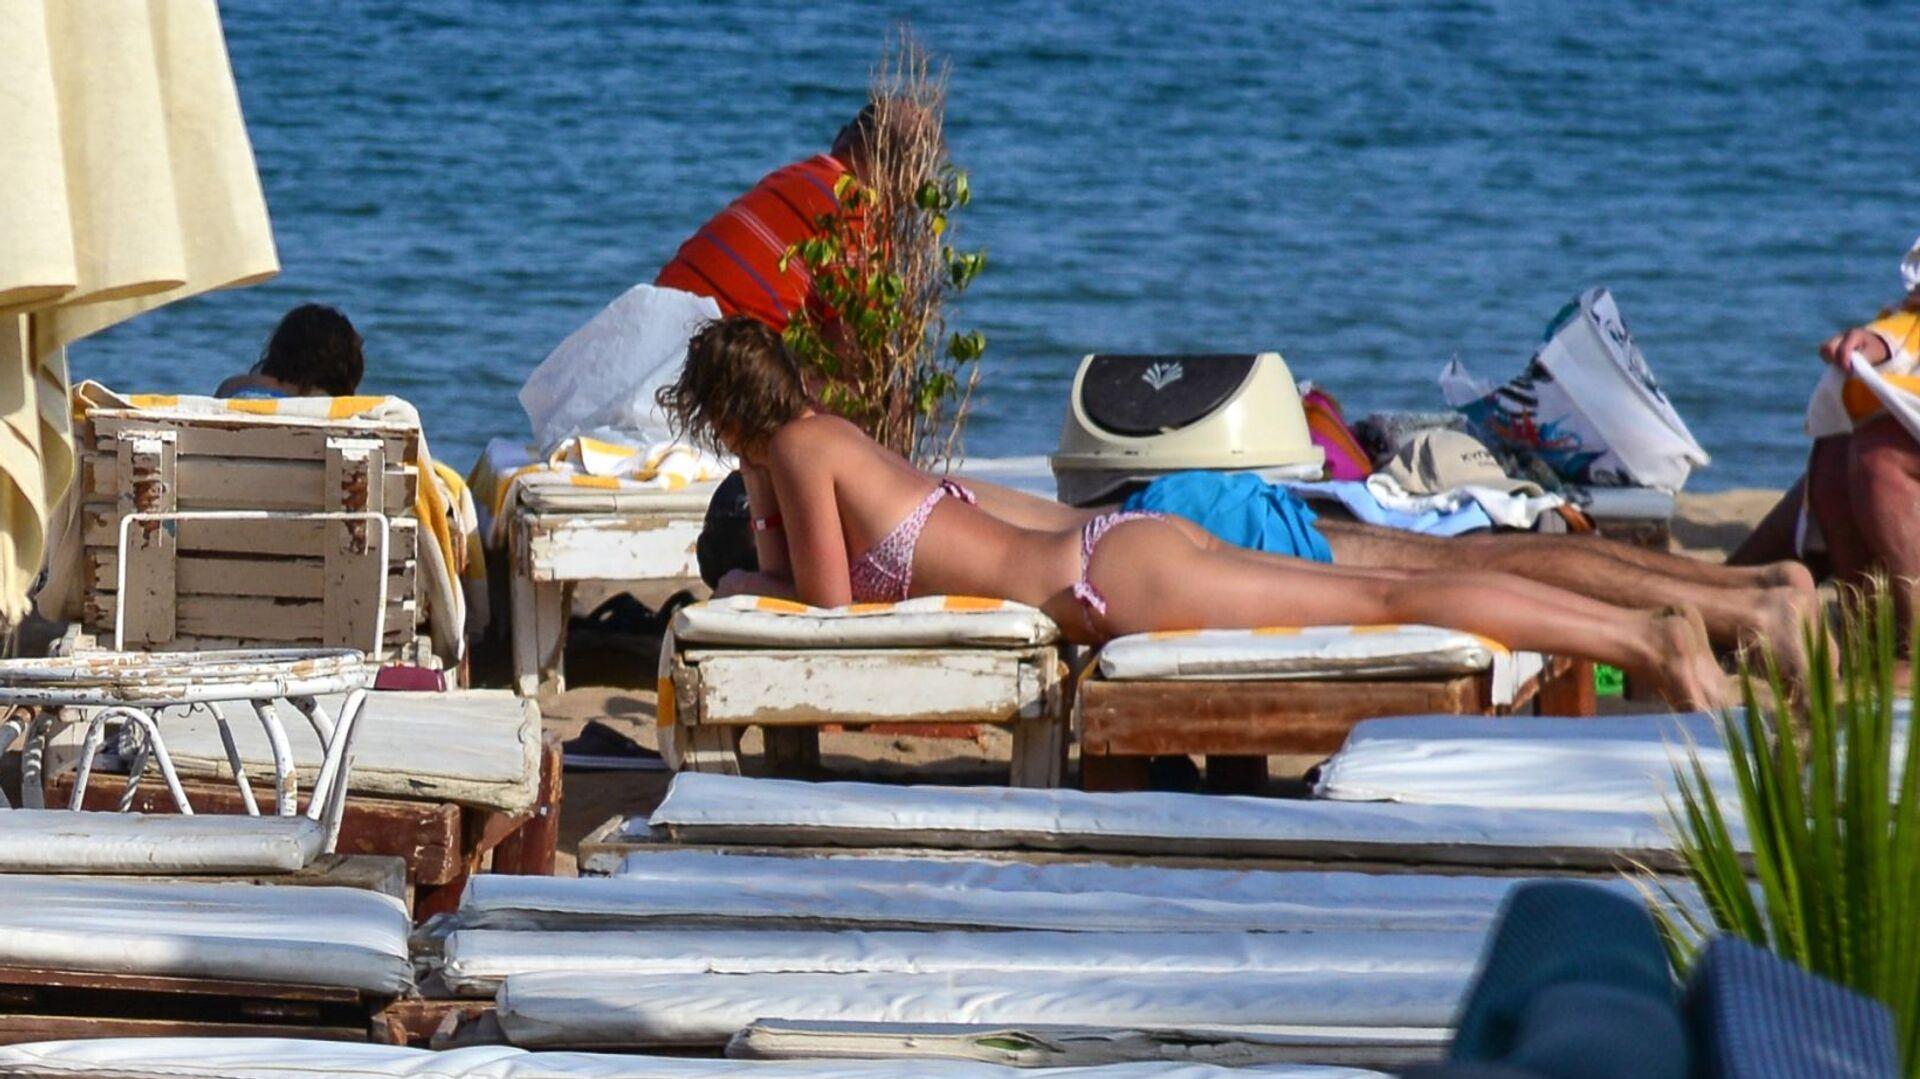 Отдыхающие на пляже в Шарм-эль-Шейхе - РИА Новости, 1920, 09.08.2021